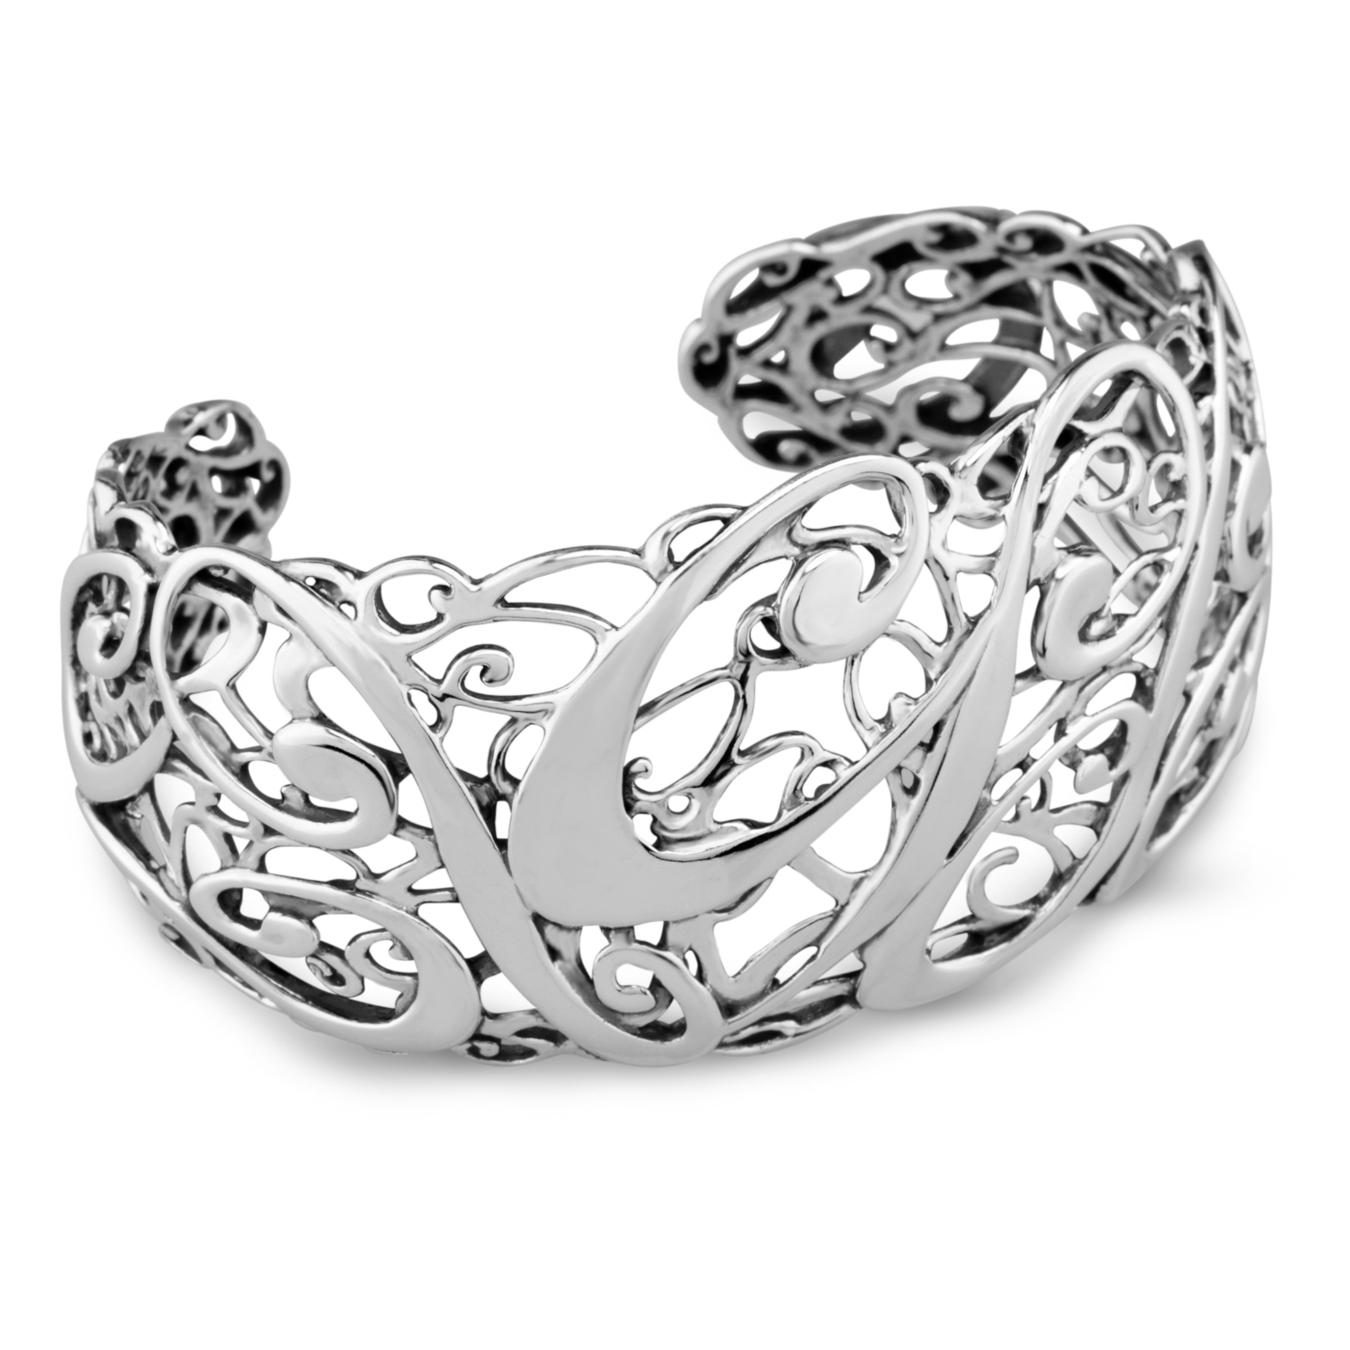 cp signature sterling silver cuff bracelet rbzpulx